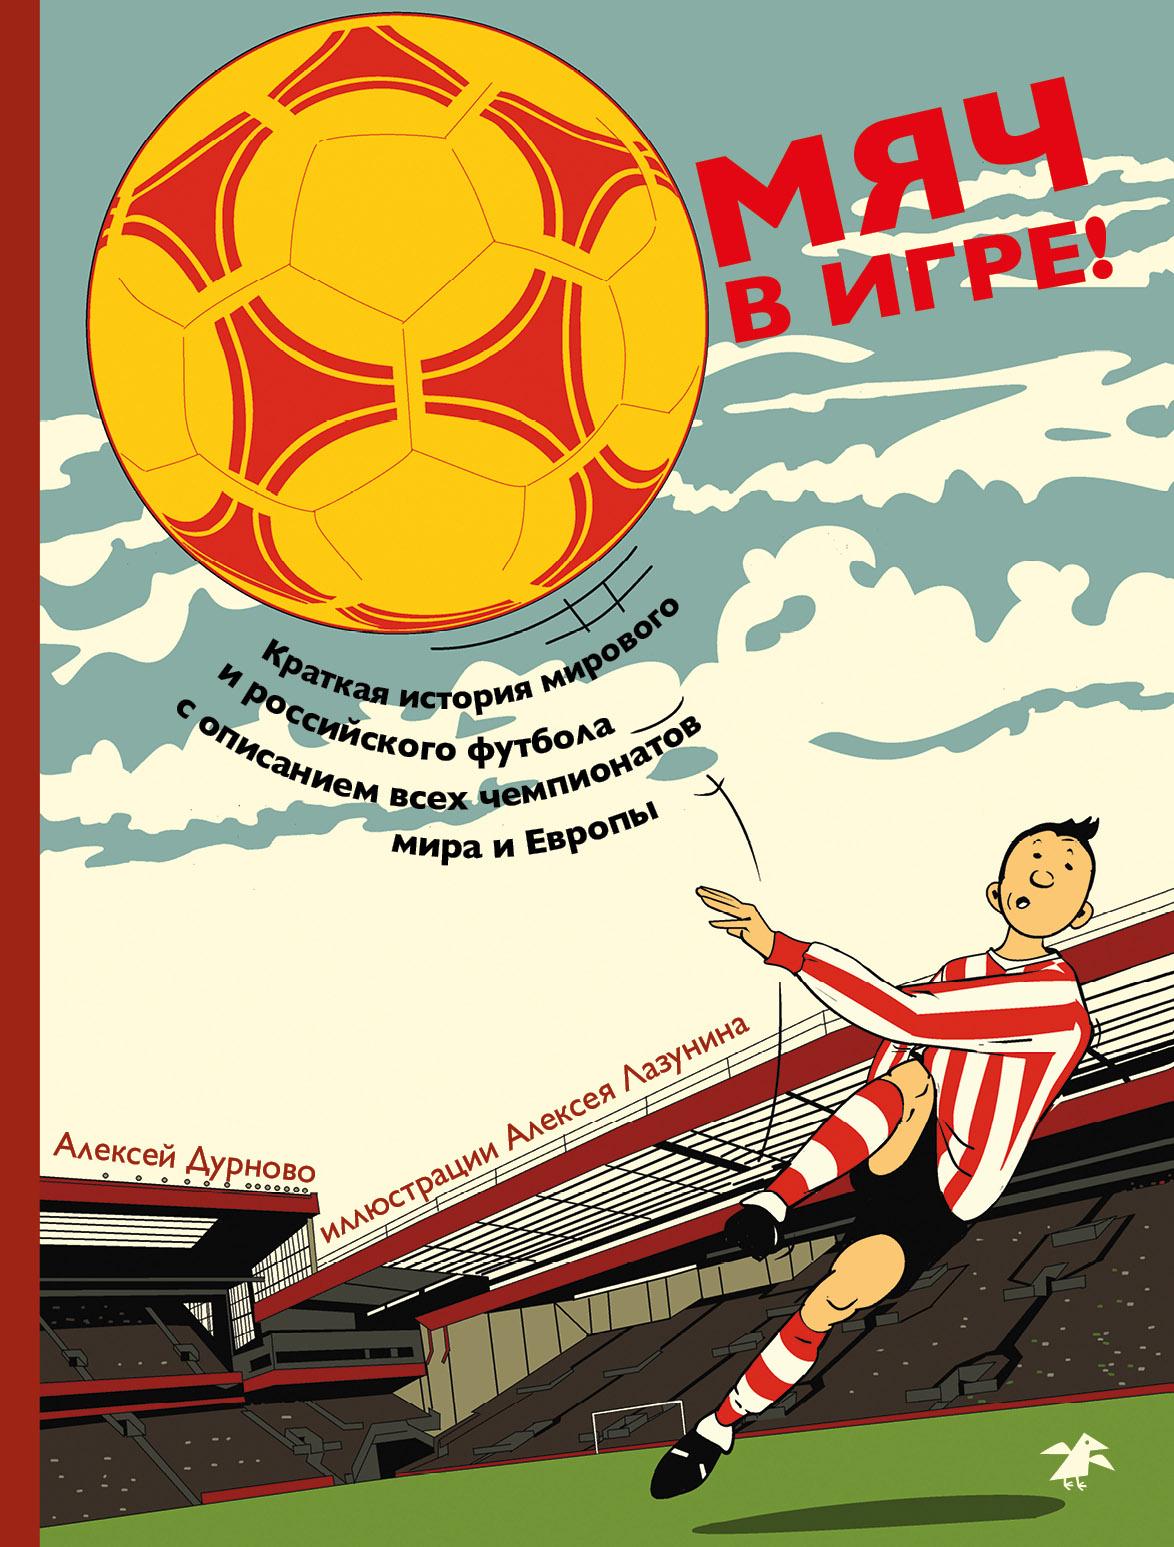 Выставка «Мяч в игре!» – события на сайте «Московские Сезоны»